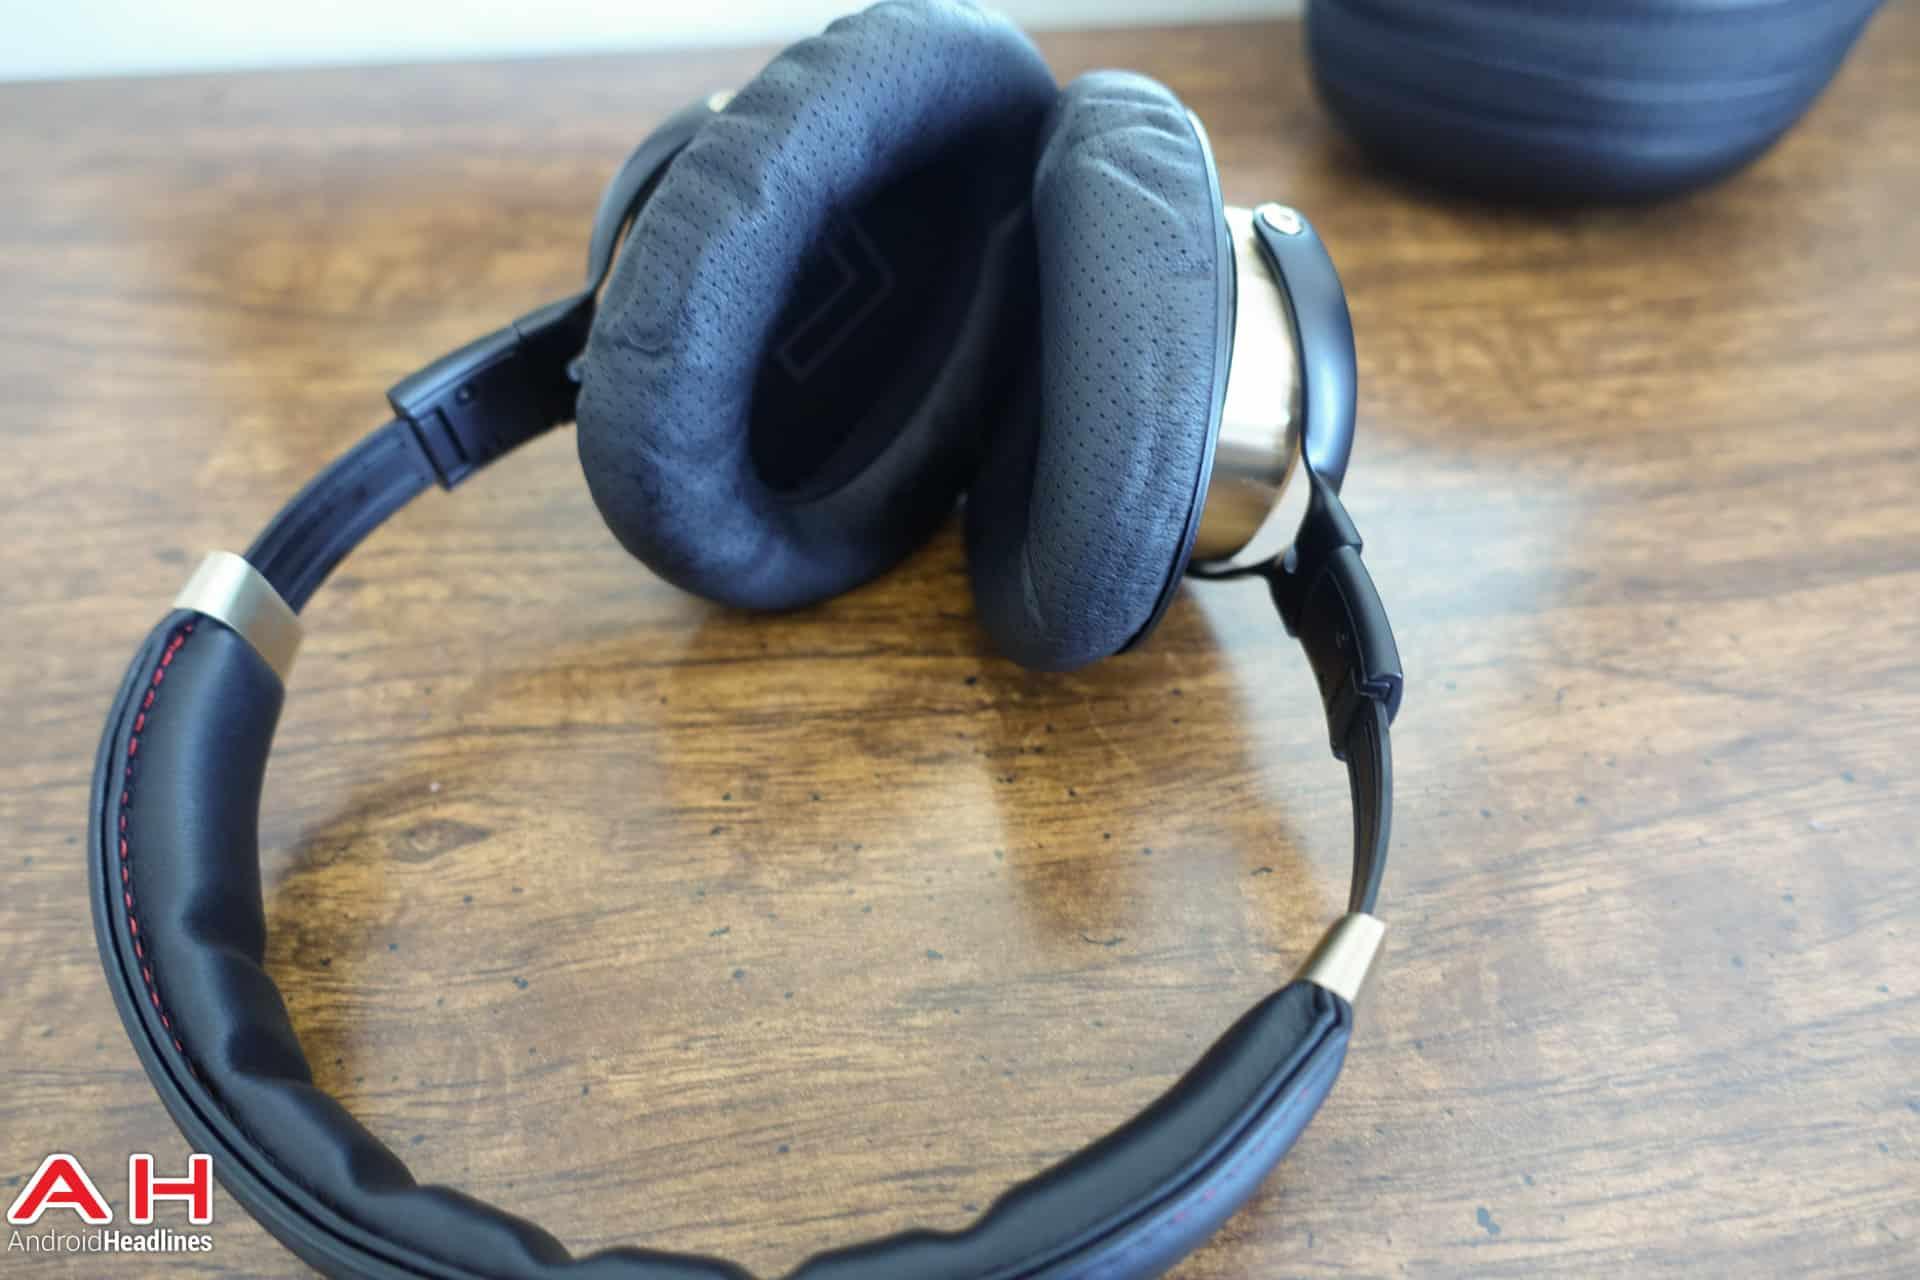 Xiaomi Mi Headphones AH 03756